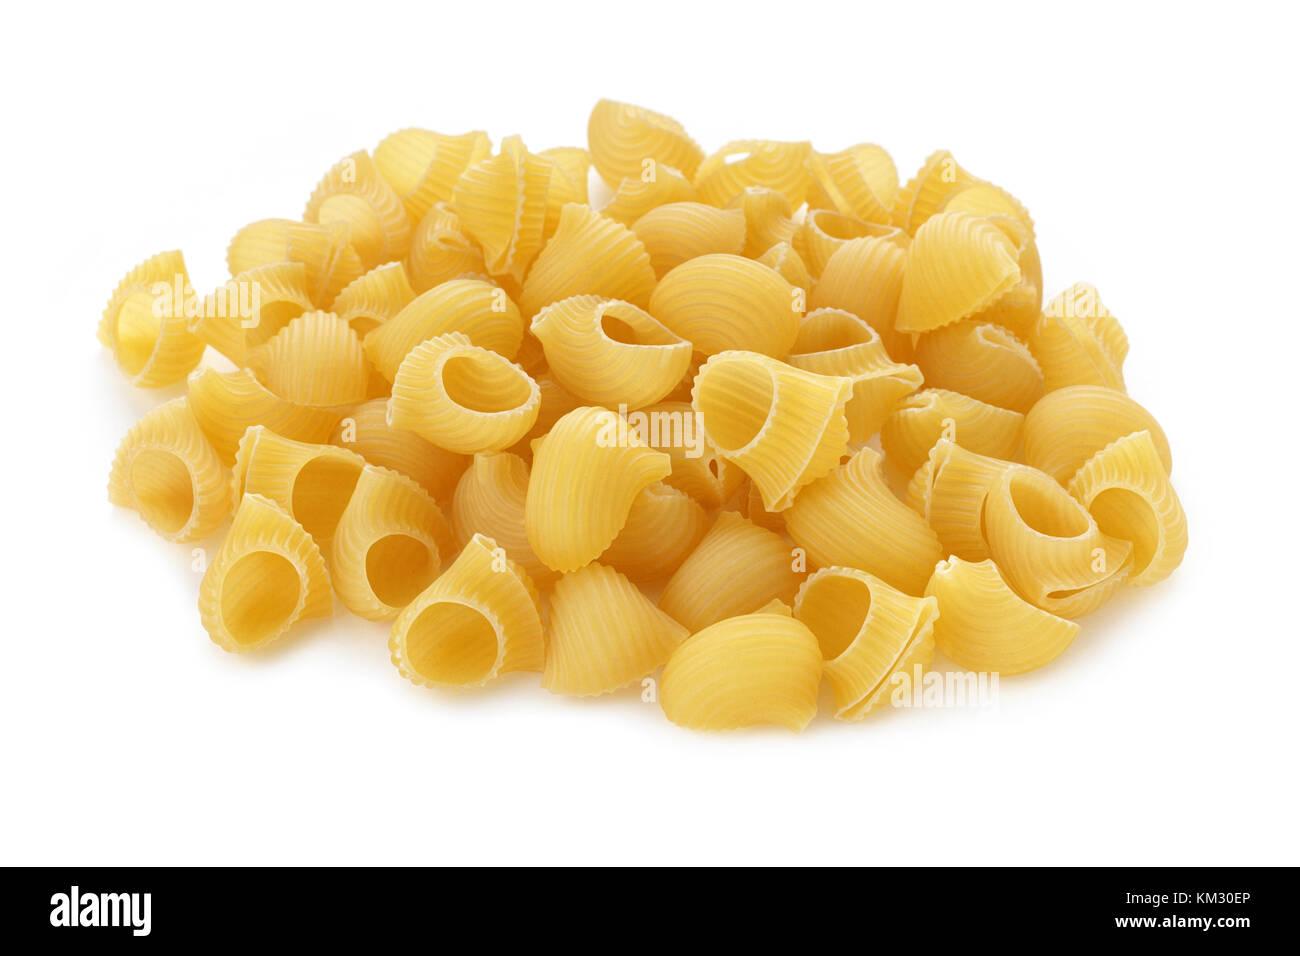 Pasta lumache auf weißem Hintergrund Stockfoto